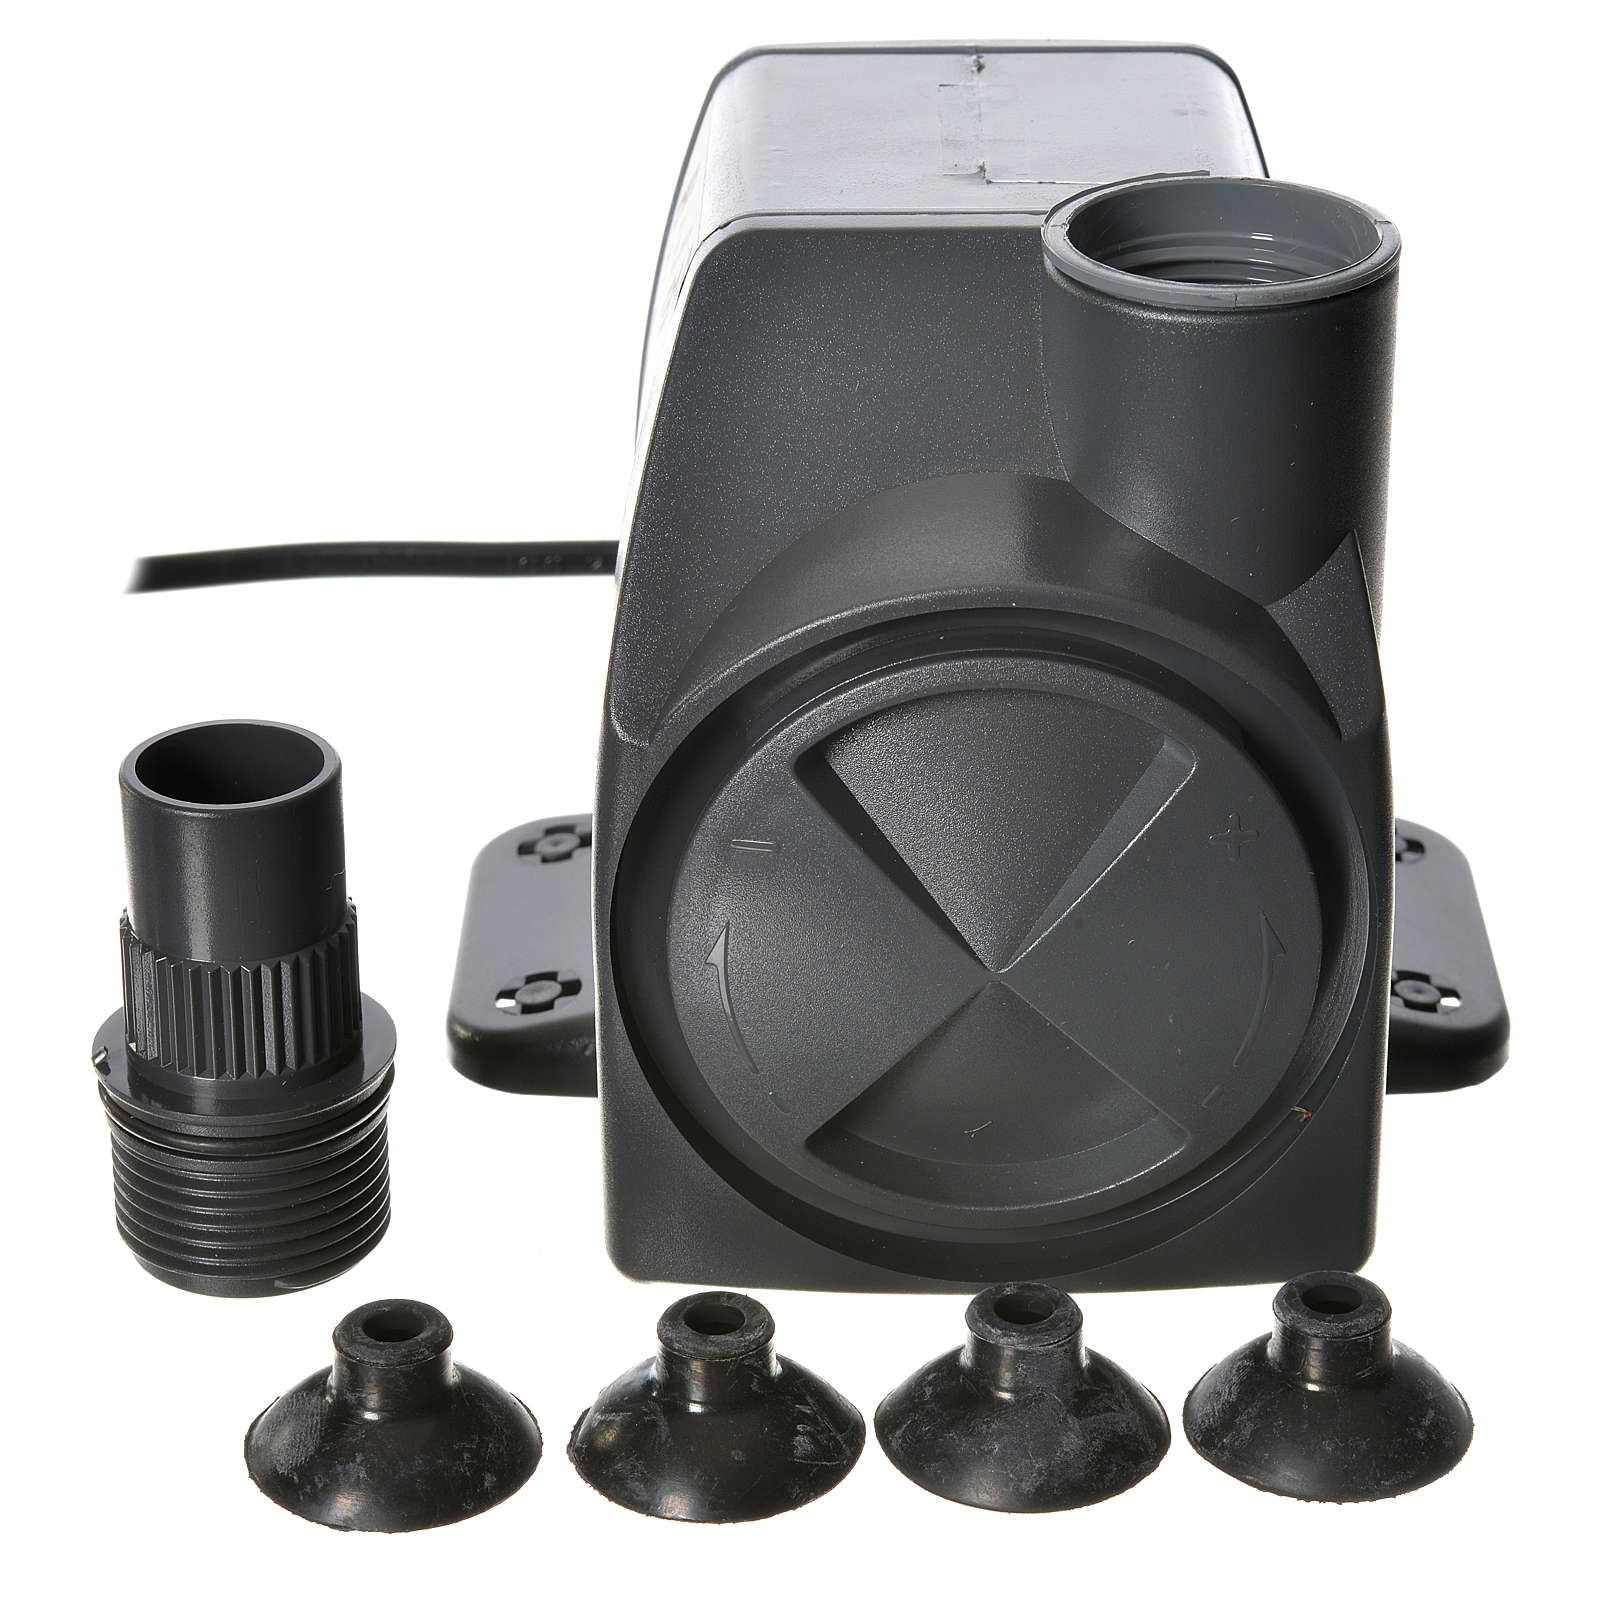 Pompe à eau crèche Extrema réglable 500-2500l/h 35W 4